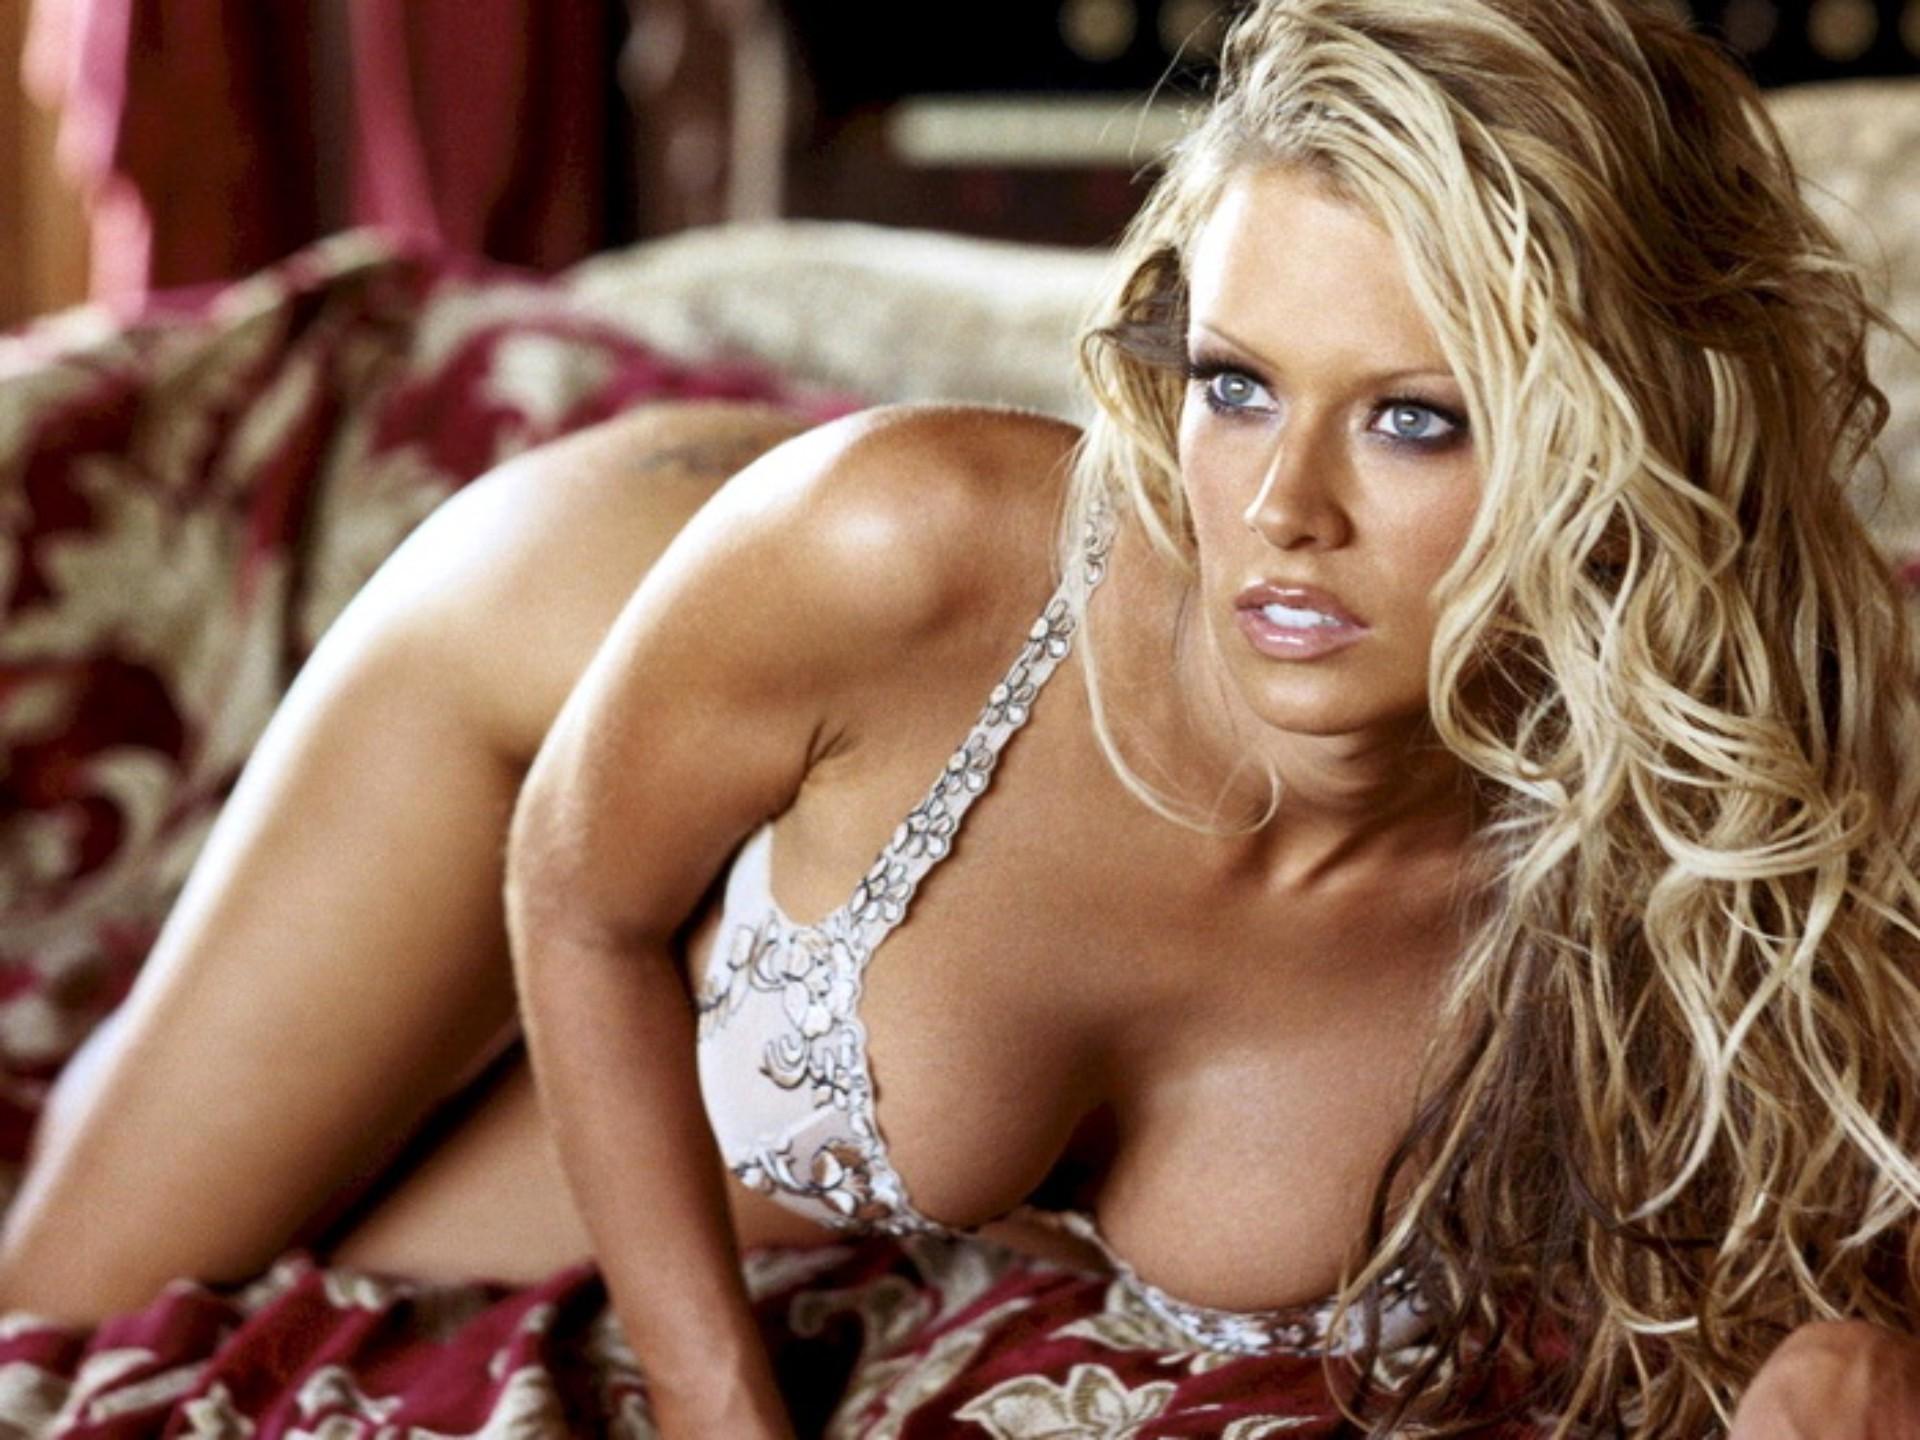 Actrices Famosas Que Empezaron En El Porno del porno a hollywood: quiénes son los famosos que empezaron